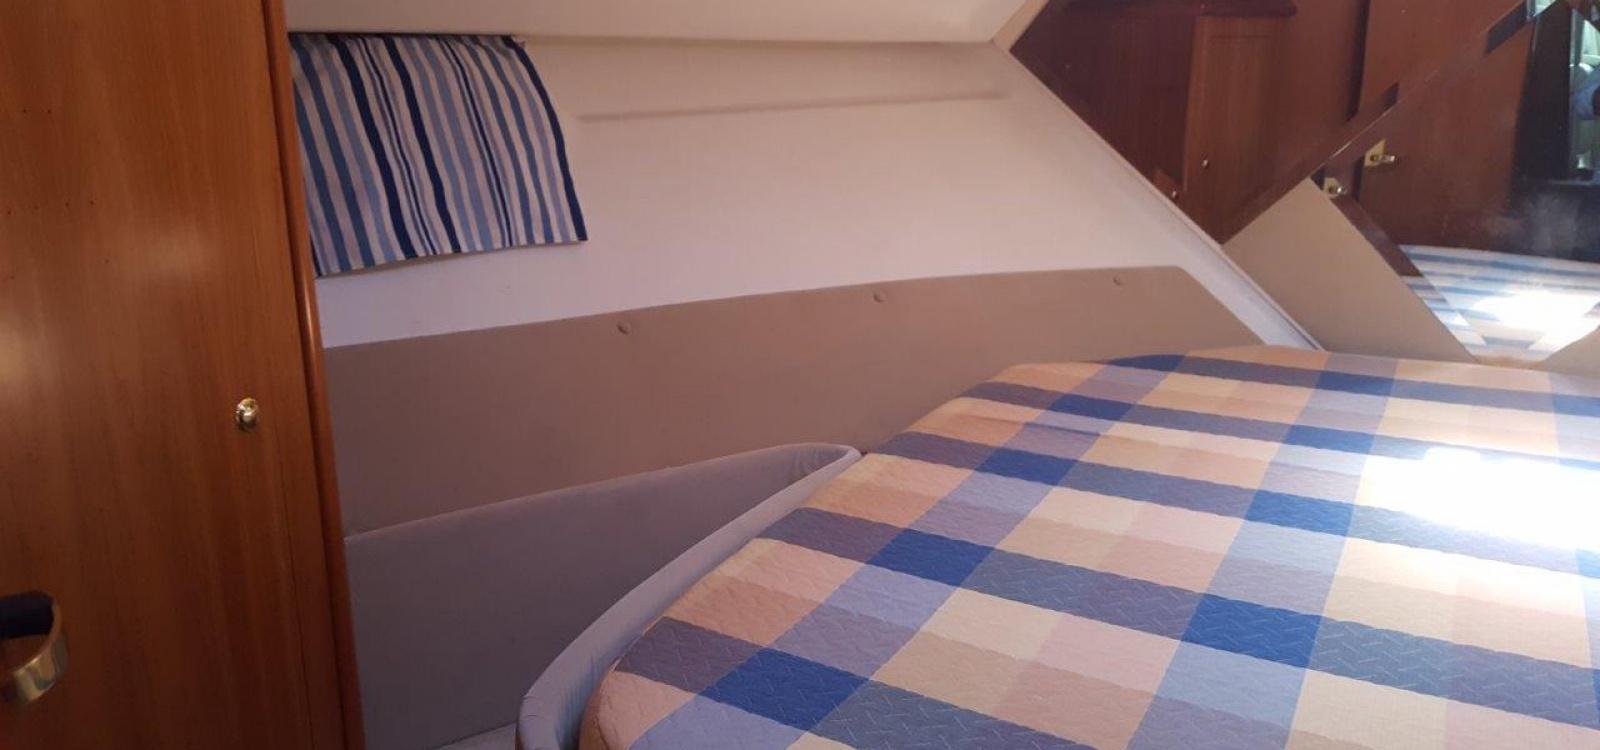 Vigo,Pontevedra,España,2 Habitaciones Habitaciones,1 BañoLavabos,Barco a motor,1742